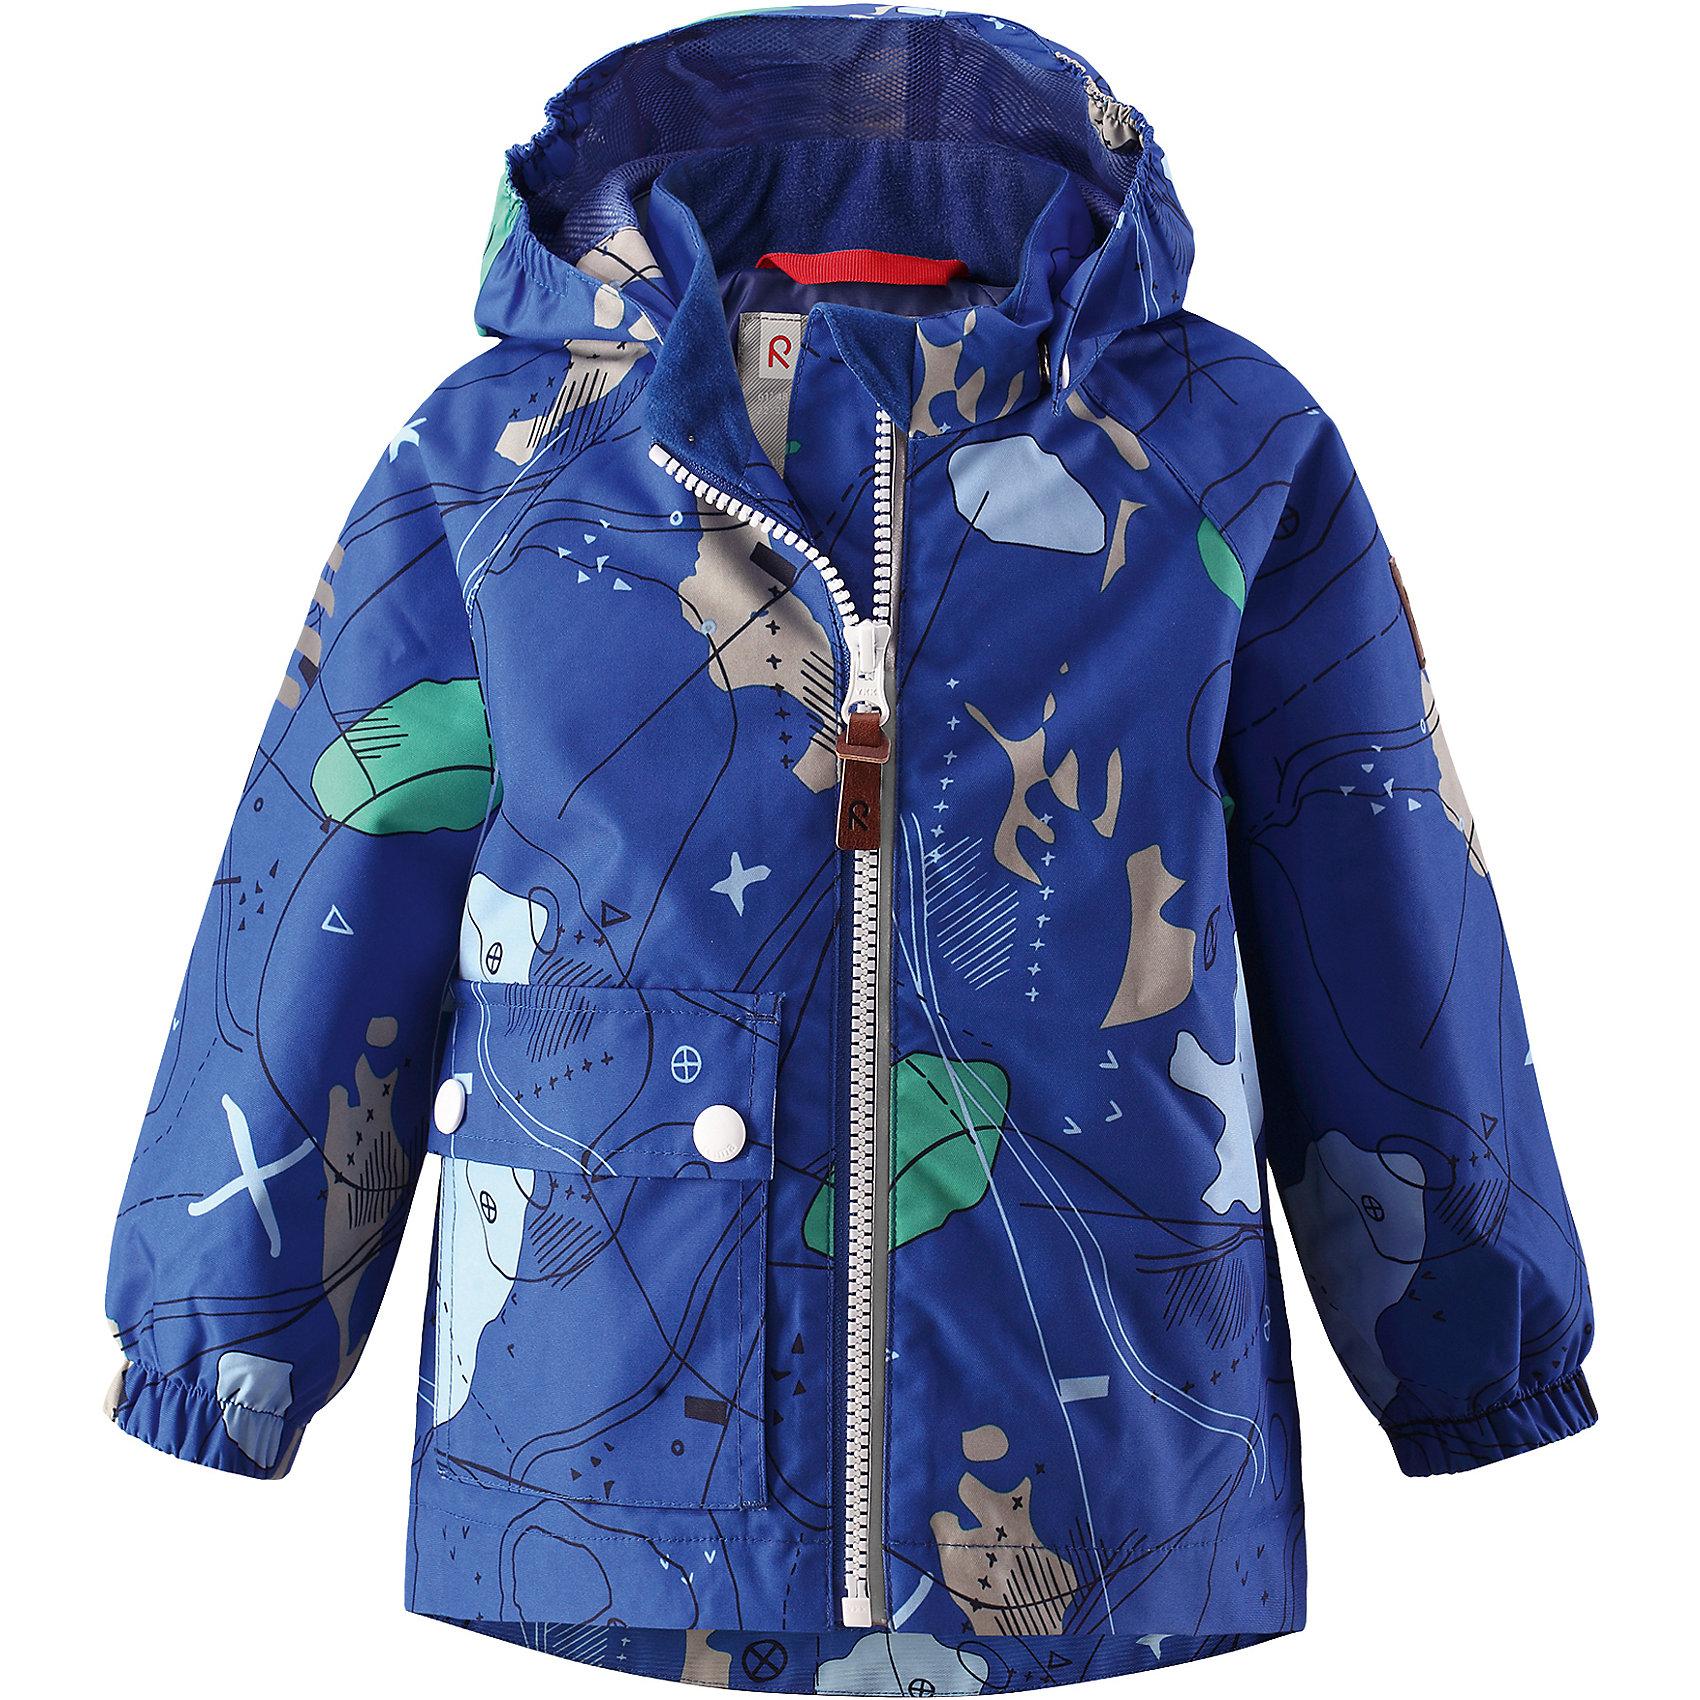 Куртка Leikki для мальчика Reimatec® ReimaОдежда<br>Характеристики товара:<br><br>• цвет: синий<br>• состав: 100% полиэстер, полиуретановое покрытие<br>• температурный режим: от +5°до +15°С<br>• водонепроницаемость: 8000 мм<br>• воздухопроницаемость: 5000 мм<br>• износостойкость: 30000 циклов (тест Мартиндейла)<br>• без утеплителя<br>• швы проклеены, водонепроницаемы<br>• водо- и ветронепроницаемый, дышащий, грязеотталкивающий материал<br>• гладкая подкладка из полиэстера<br>• эластичные манжеты<br>• карман с клапаном<br>• светоотражающие детали<br>• комфортная посадка<br>• страна производства: Китай<br>• страна бренда: Финляндия<br>• коллекция: весна-лето 2017<br><br>Верхняя одежда для детей может быть модной и комфортной одновременно! Демисезонная куртка поможет обеспечить ребенку комфорт и тепло. Она отлично смотрится с различной одеждой и обувью. Изделие удобно сидит и модно выглядит. Материал - прочный, хорошо подходящий для межсезонья, водо- и ветронепроницаемый, «дышащий». Стильный дизайн разрабатывался специально для детей.<br><br>Одежда и обувь от финского бренда Reima пользуется популярностью во многих странах. Эти изделия стильные, качественные и удобные. Для производства продукции используются только безопасные, проверенные материалы и фурнитура. Порадуйте ребенка модными и красивыми вещами от Reima! <br><br>Куртку для мальчика Reimatec® от финского бренда Reima (Рейма) можно купить в нашем интернет-магазине.<br><br>Ширина мм: 356<br>Глубина мм: 10<br>Высота мм: 245<br>Вес г: 519<br>Цвет: синий<br>Возраст от месяцев: 12<br>Возраст до месяцев: 15<br>Пол: Мужской<br>Возраст: Детский<br>Размер: 98,92,74,86,80<br>SKU: 5265556